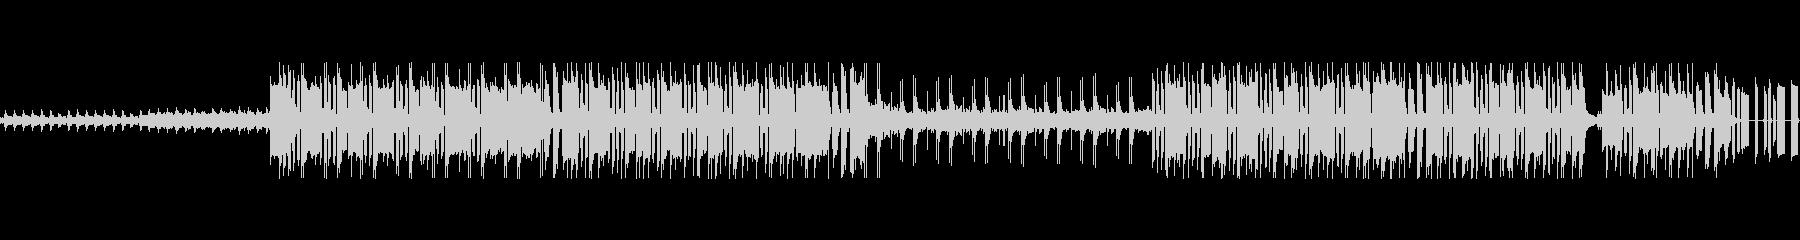 クラシック・ハード・アングラ・EDMの未再生の波形